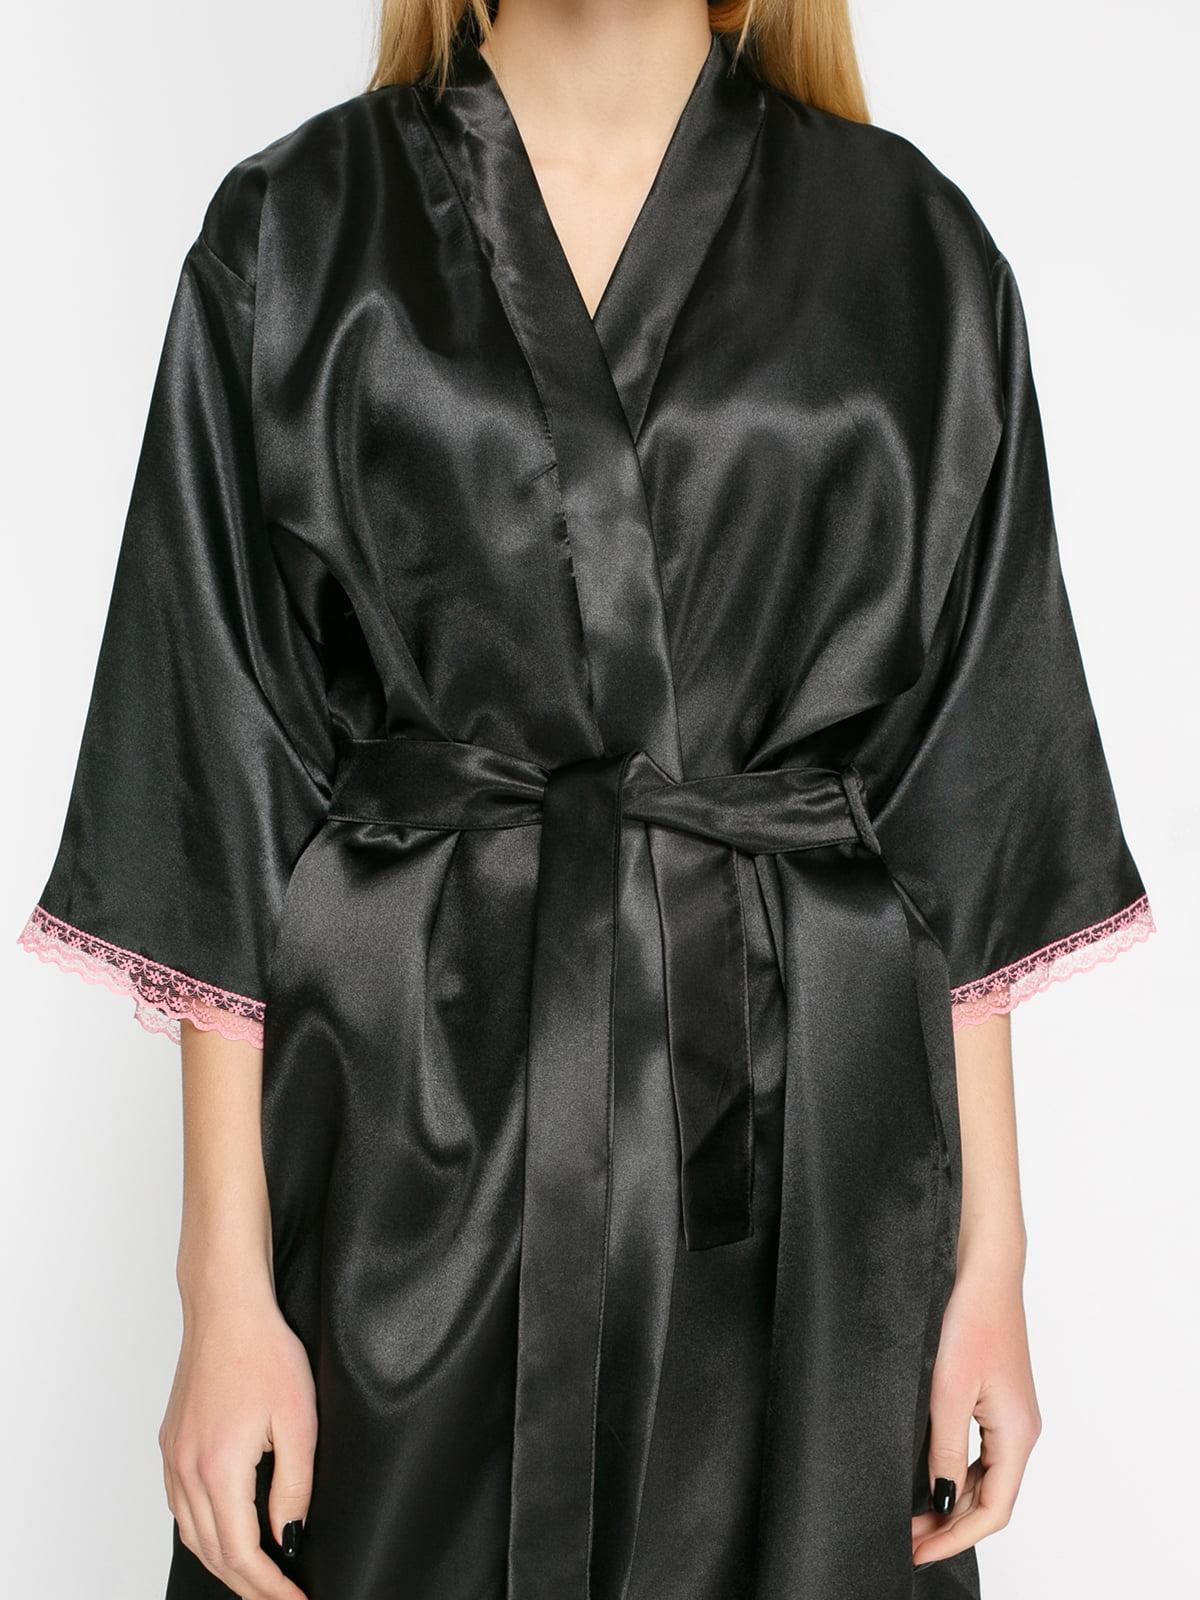 Халат черный с розовым кружевом | 4823261 | фото 3